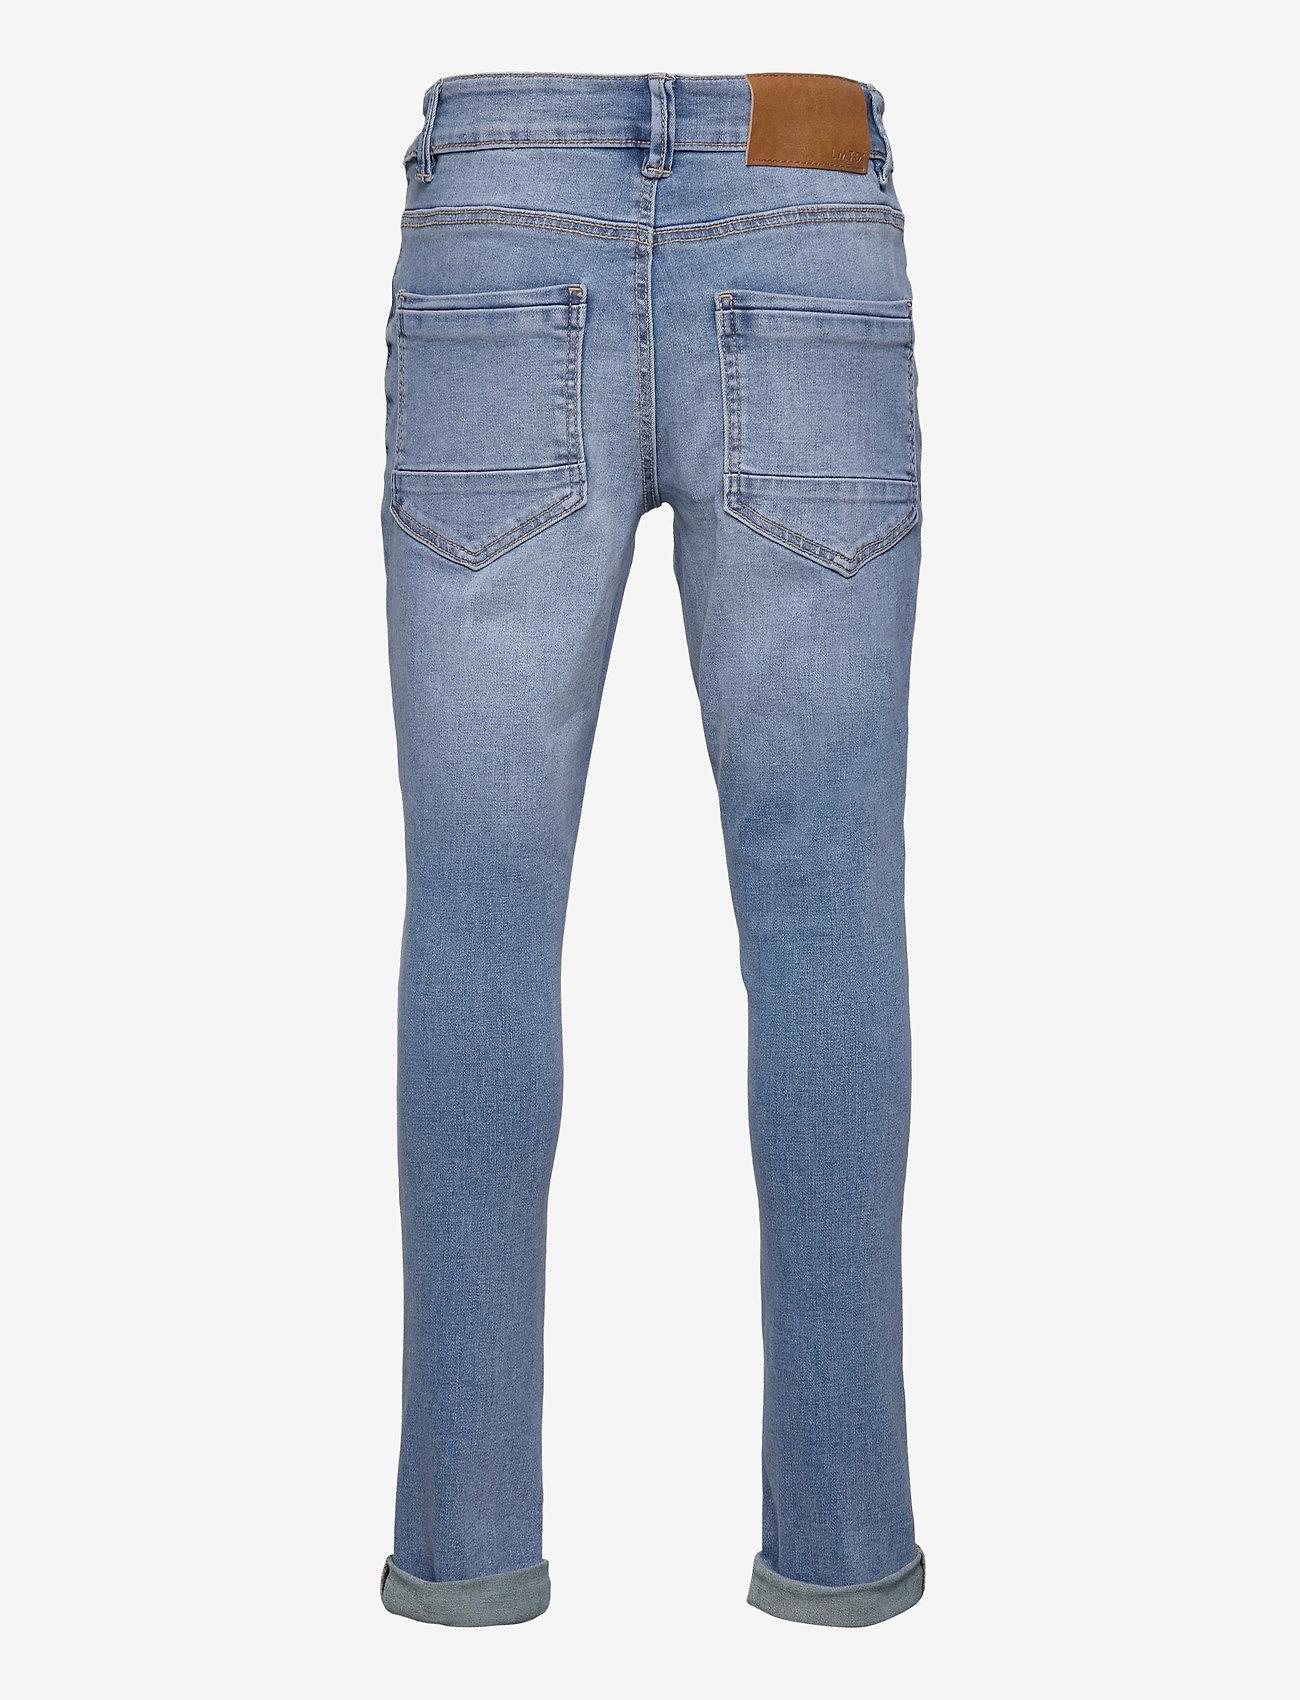 LMTD - NLMSIAN DNMATOGO 2464 PANT - jeans - medium blue denim - 1